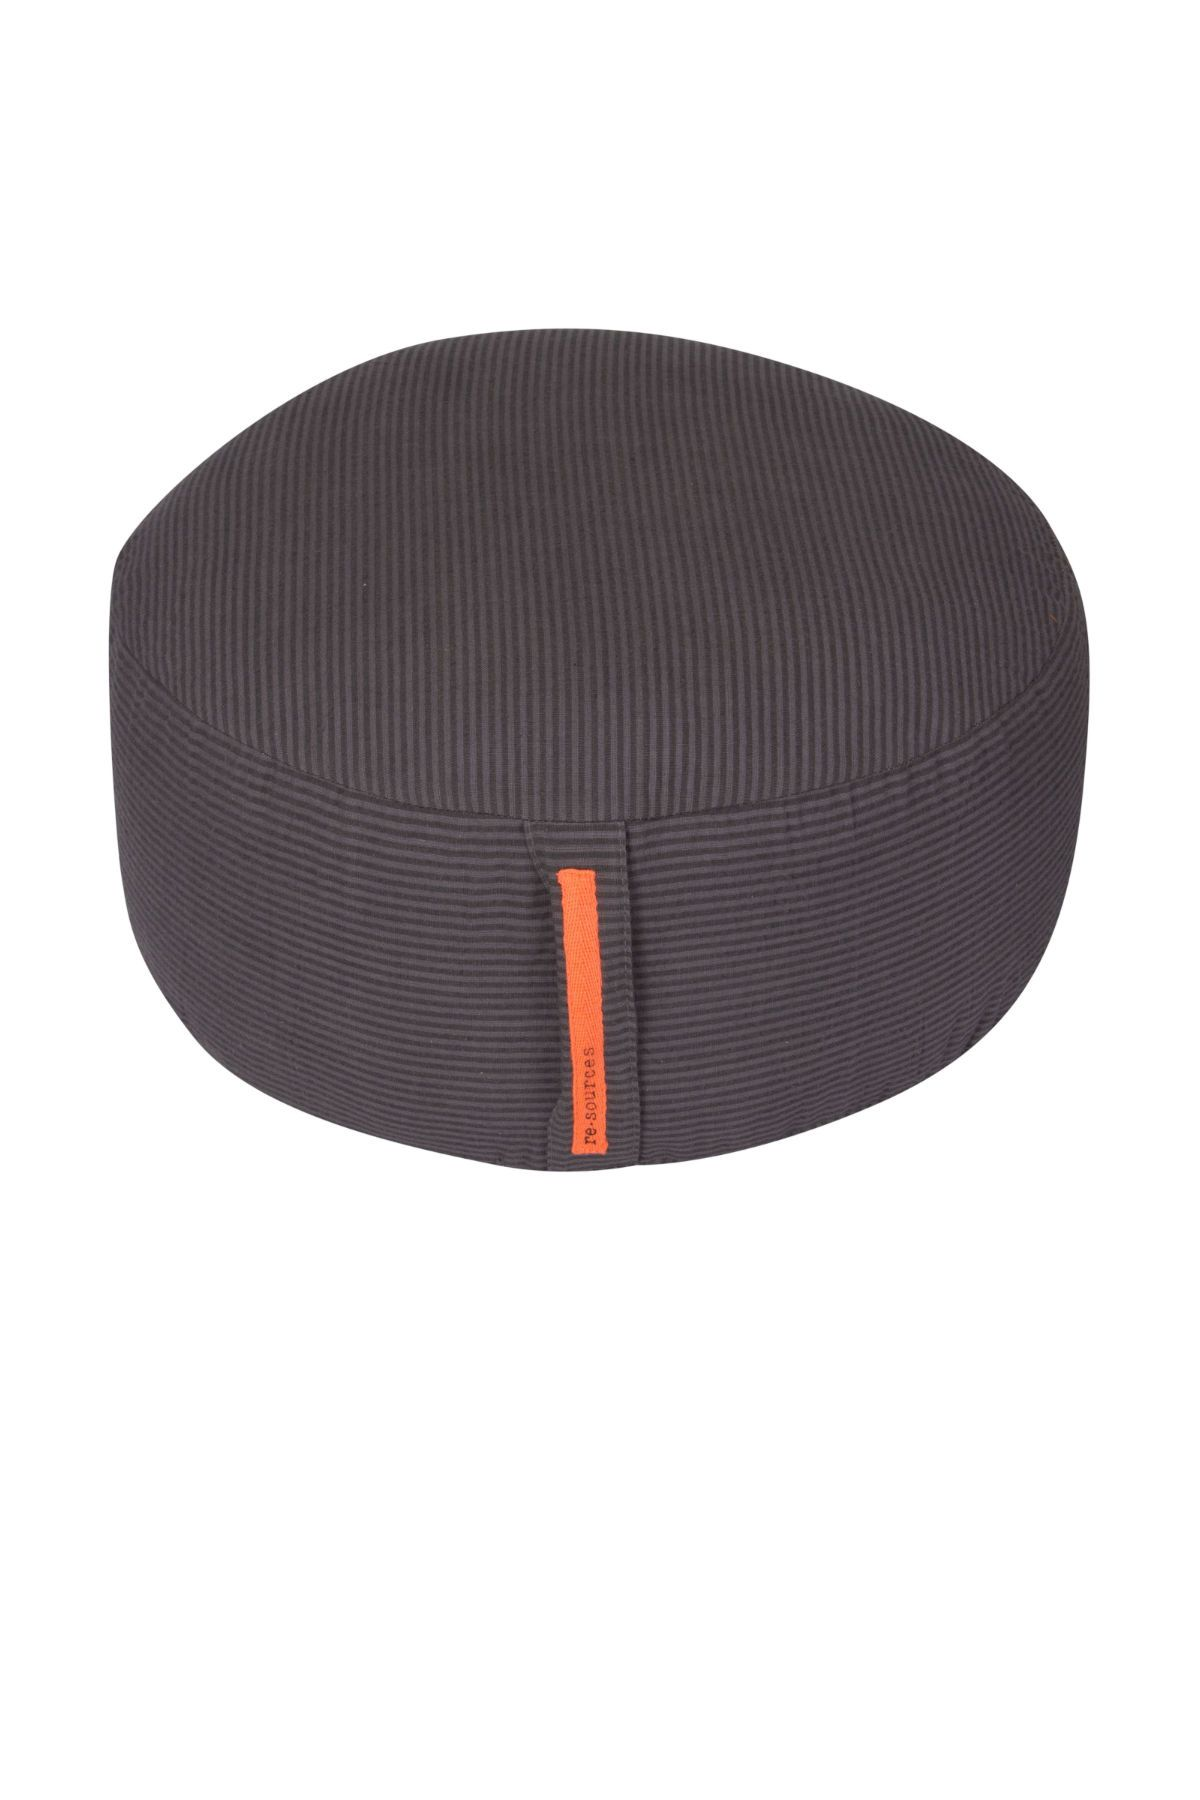 Rigtig fin yoga pude med betræk af vævet økologisk bomuld, som kan lynes af og vaskes separat. Puden er god og fast i det og perfekt til meditation. Fyldet er af kapok, der ideelt til formålet idet det holder på formen og ikke 'klumper'. Den er 15 cm høj og 35 cm i diameter med praktisk håndtag. Pudenhar et fint stribet mønster i mørkegrå nuancer(Coal).  Cover materiale: 100% bomuld  Fyld: Kapok